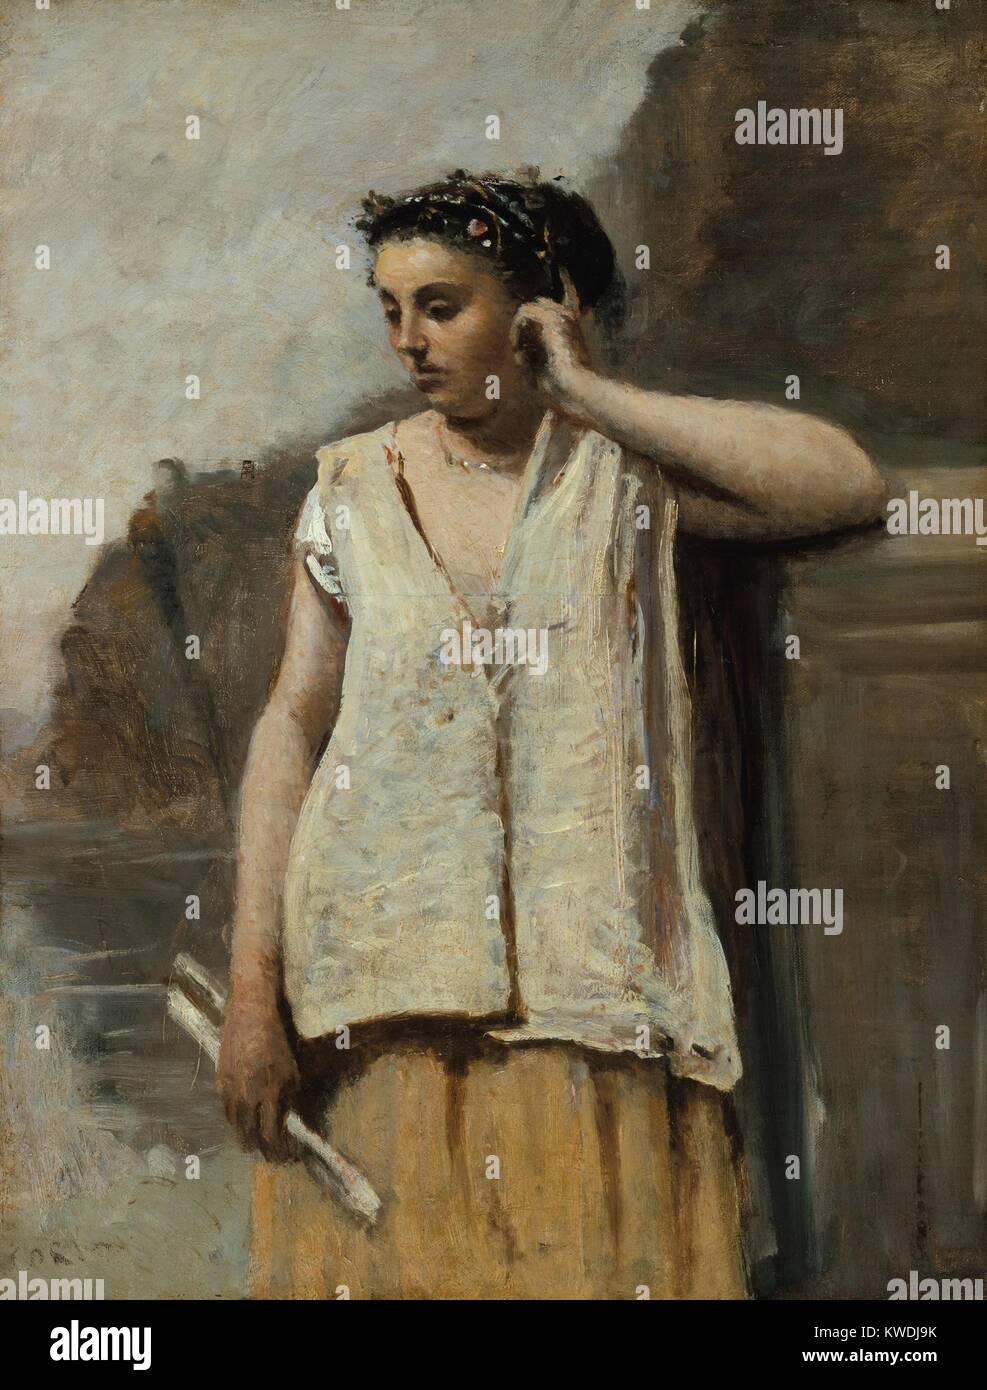 La Muse Lhistoire De Camille Corot 1865 La Peinture Française